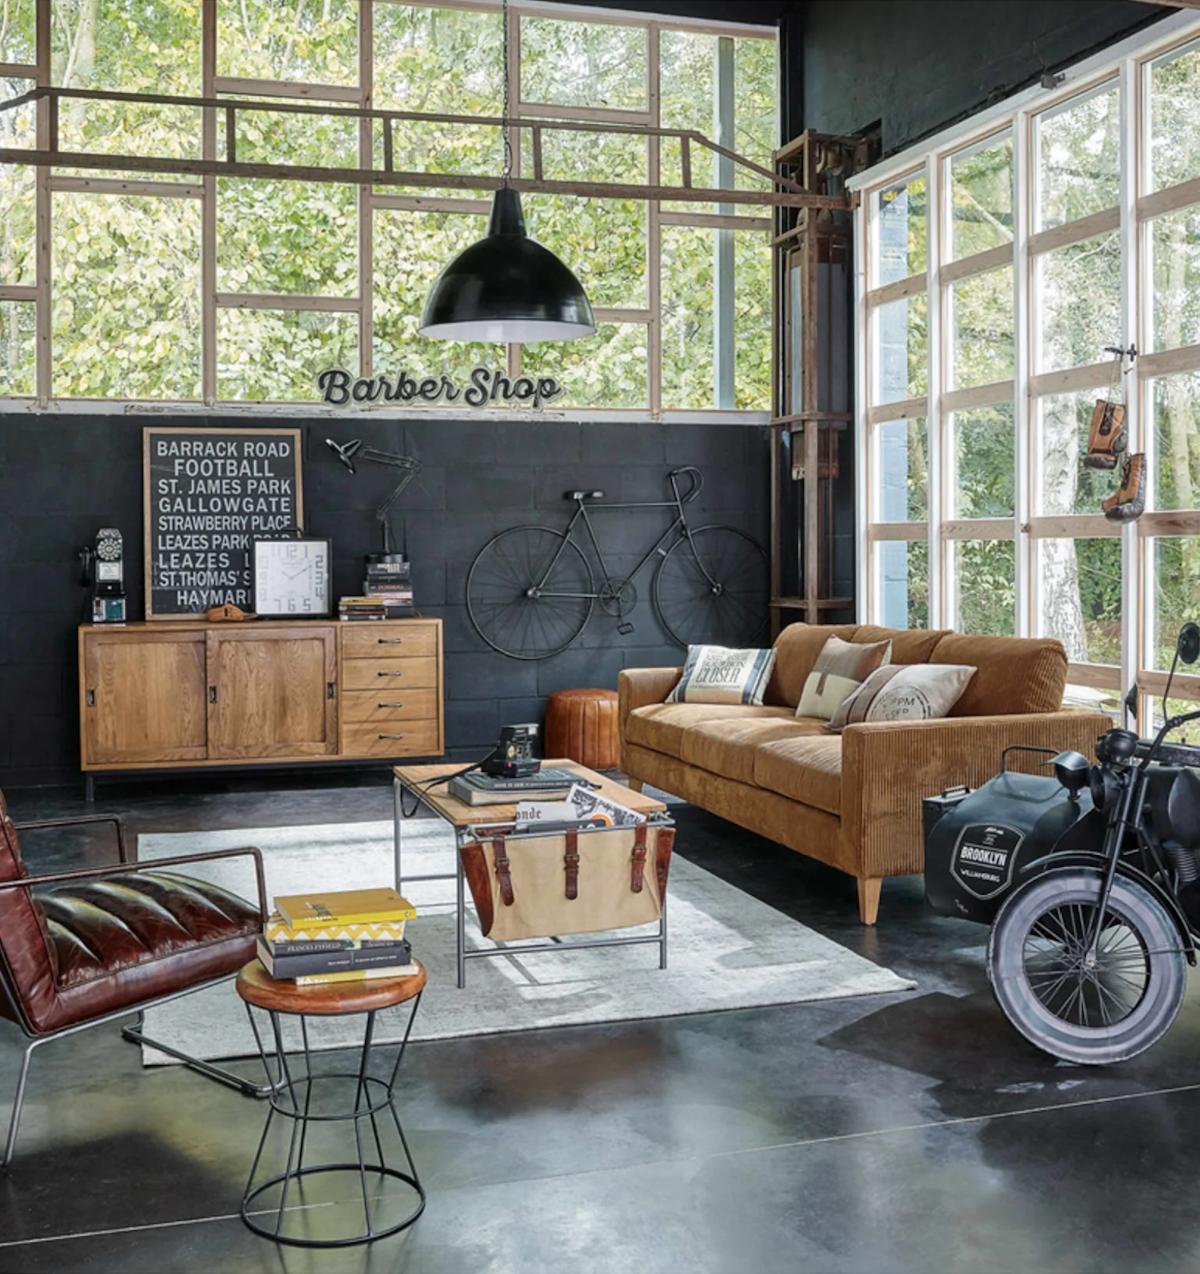 salon industriel tendance fauteuil cuir bicyclette verrière - blog déco - clematc